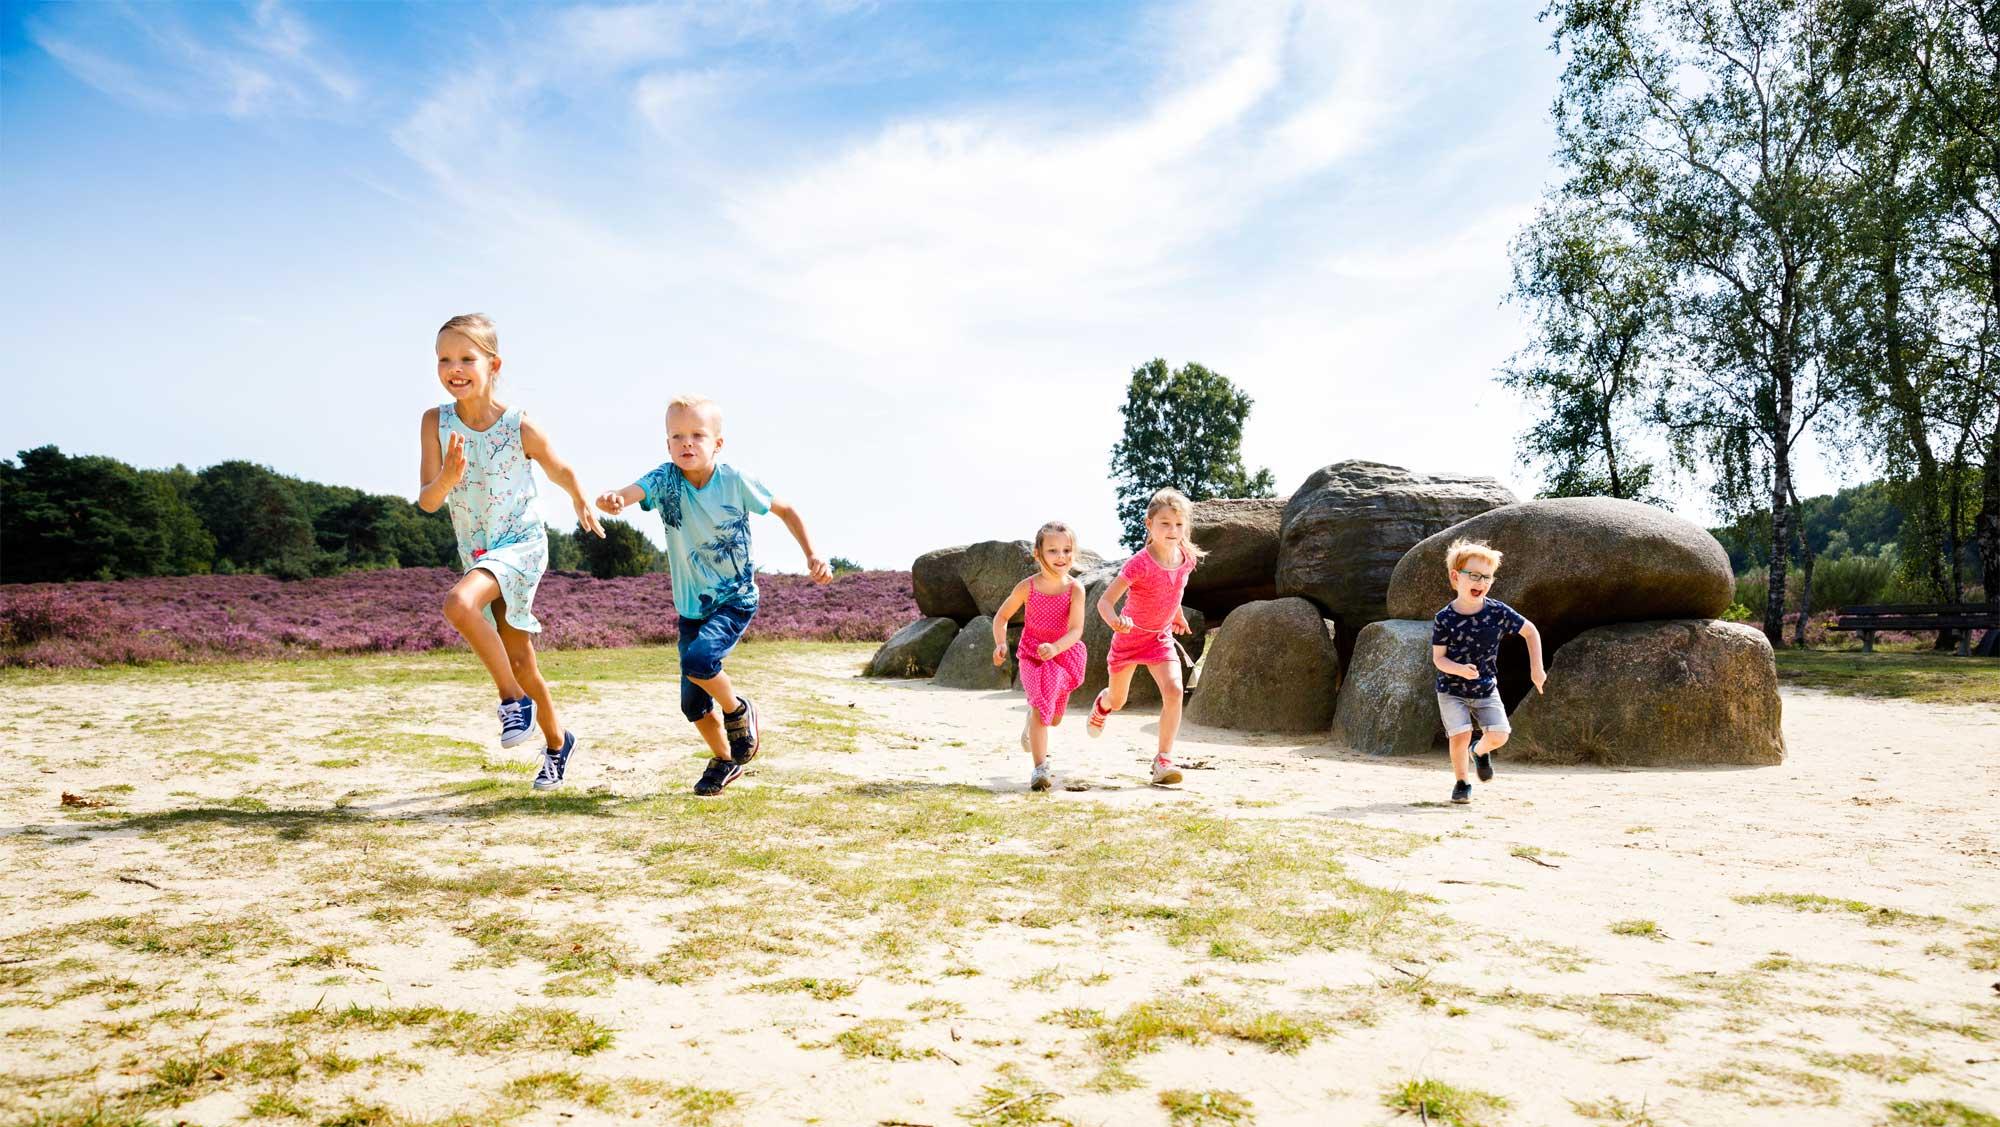 Omgeving Molecaten Park Kuierpad Drenthe 05 hunebed